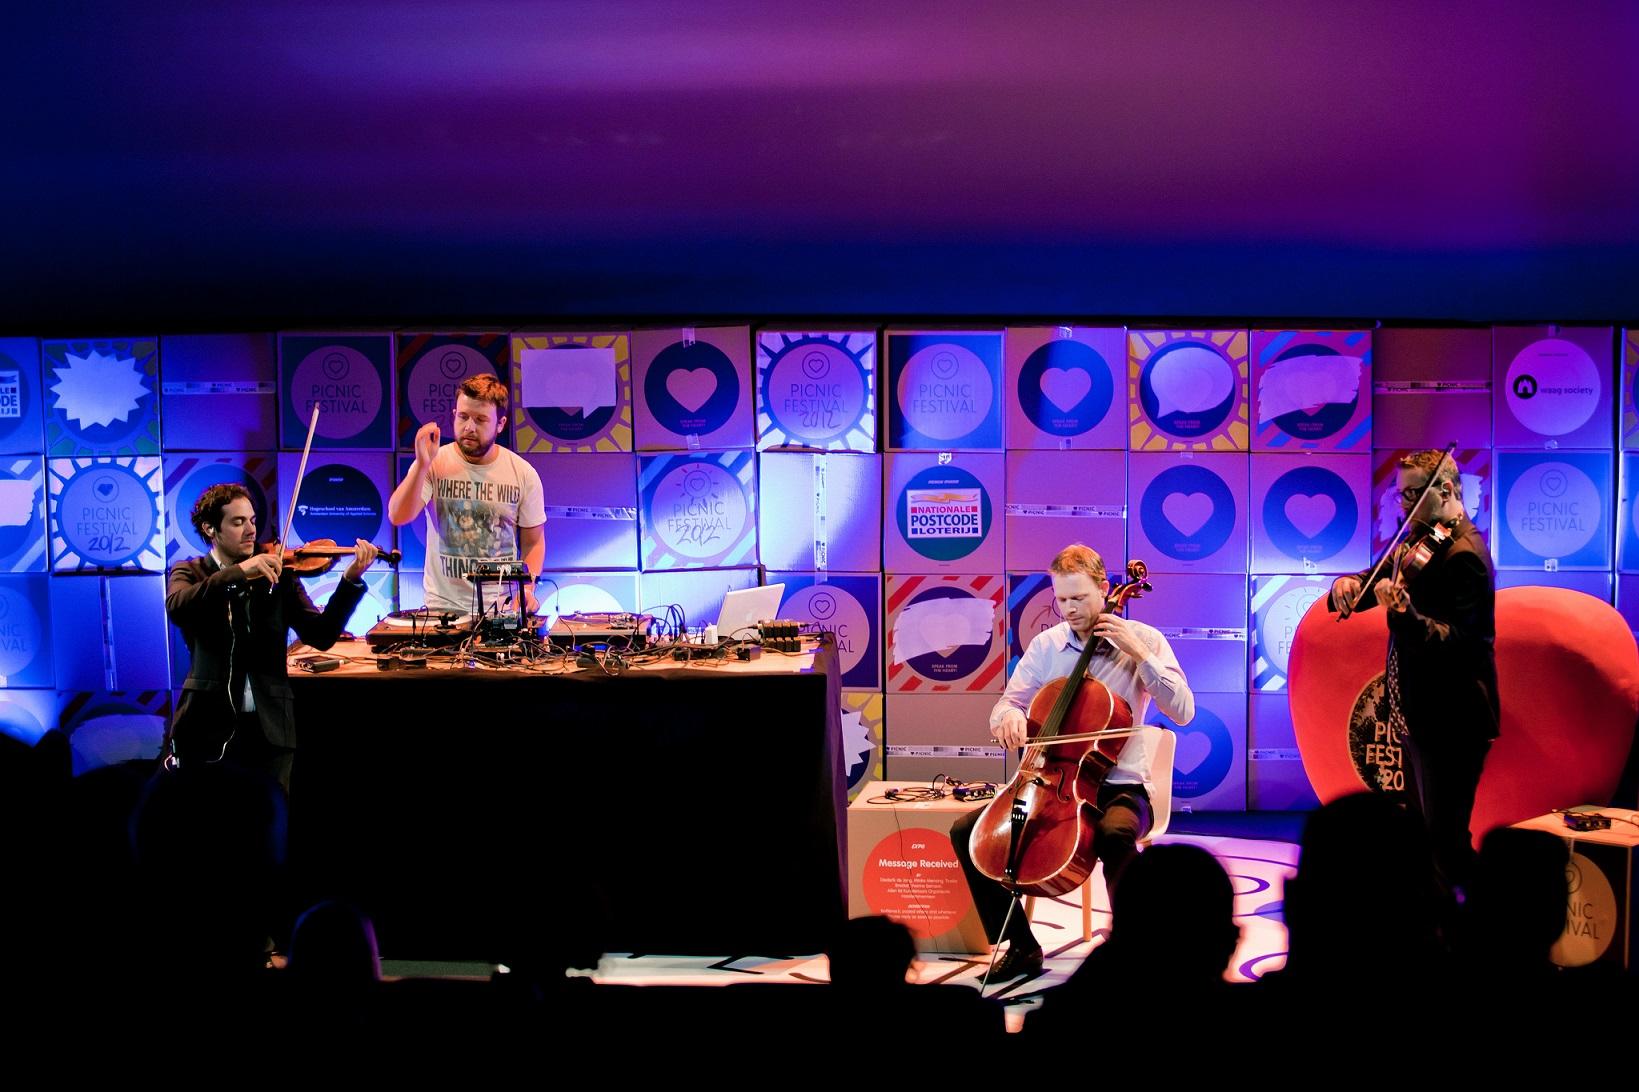 Show na última edição do Picnic na Holanda. Foto Divulgação